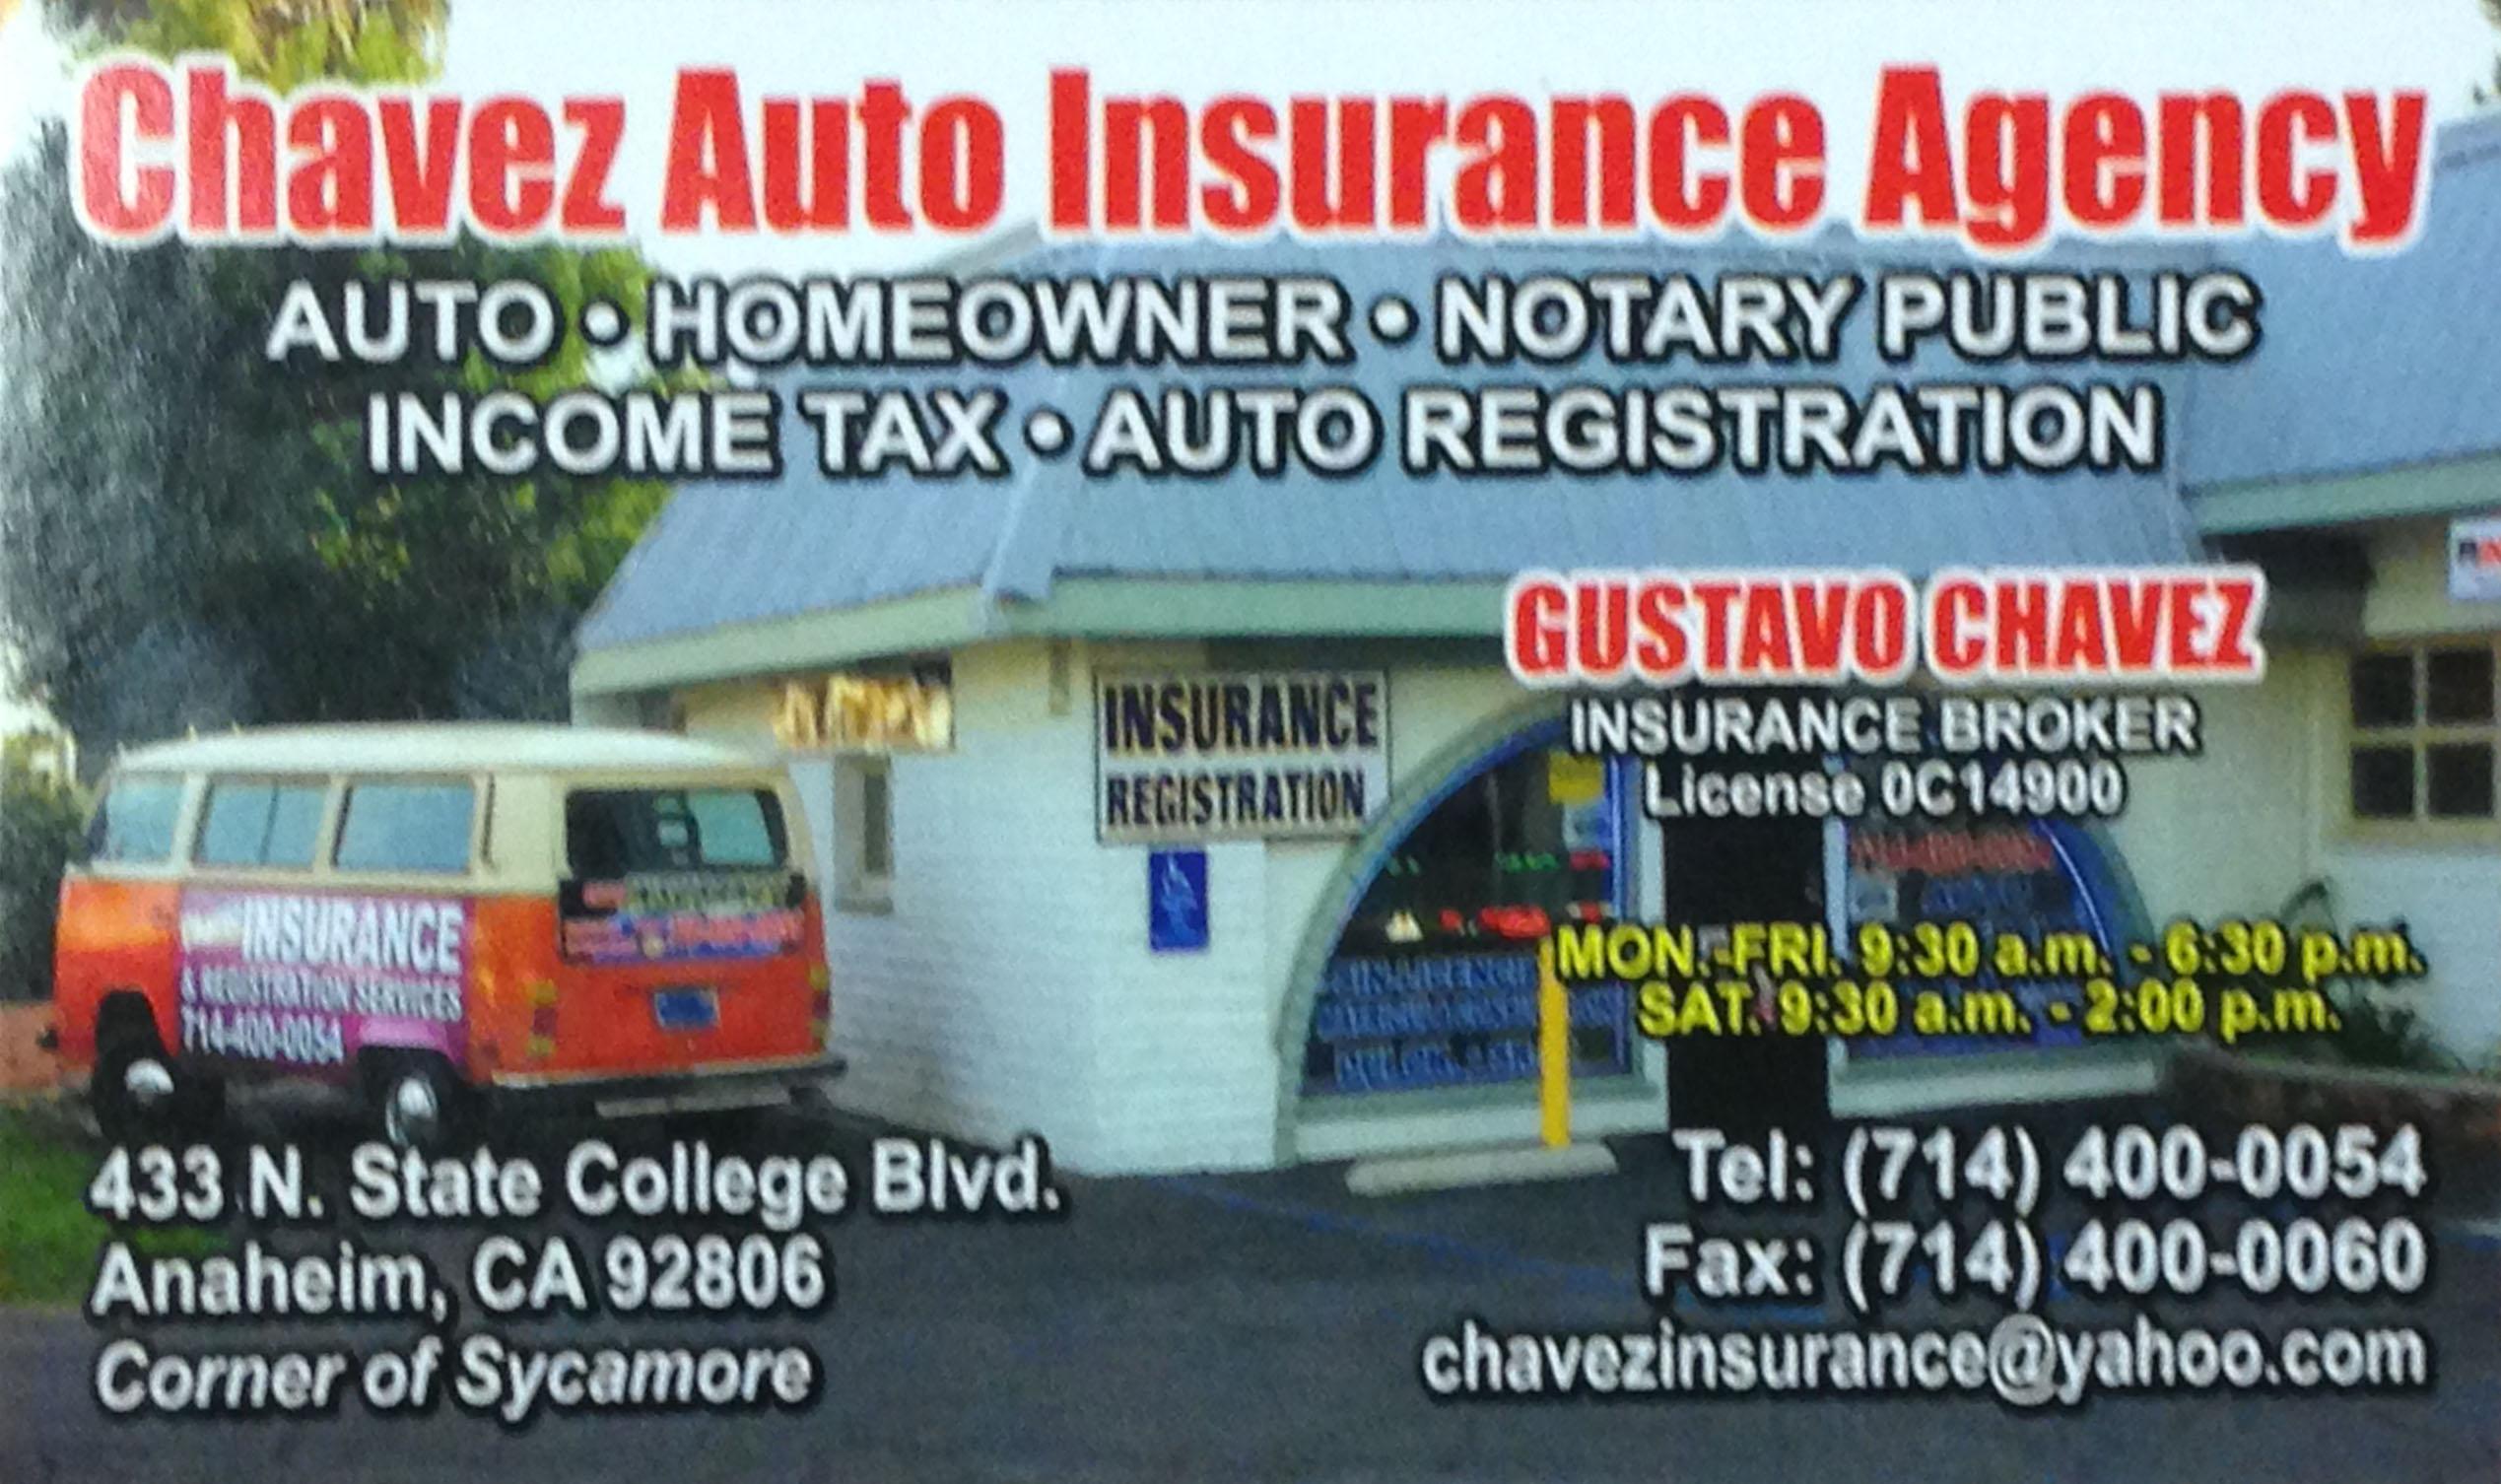 Chavez Auto Insurance